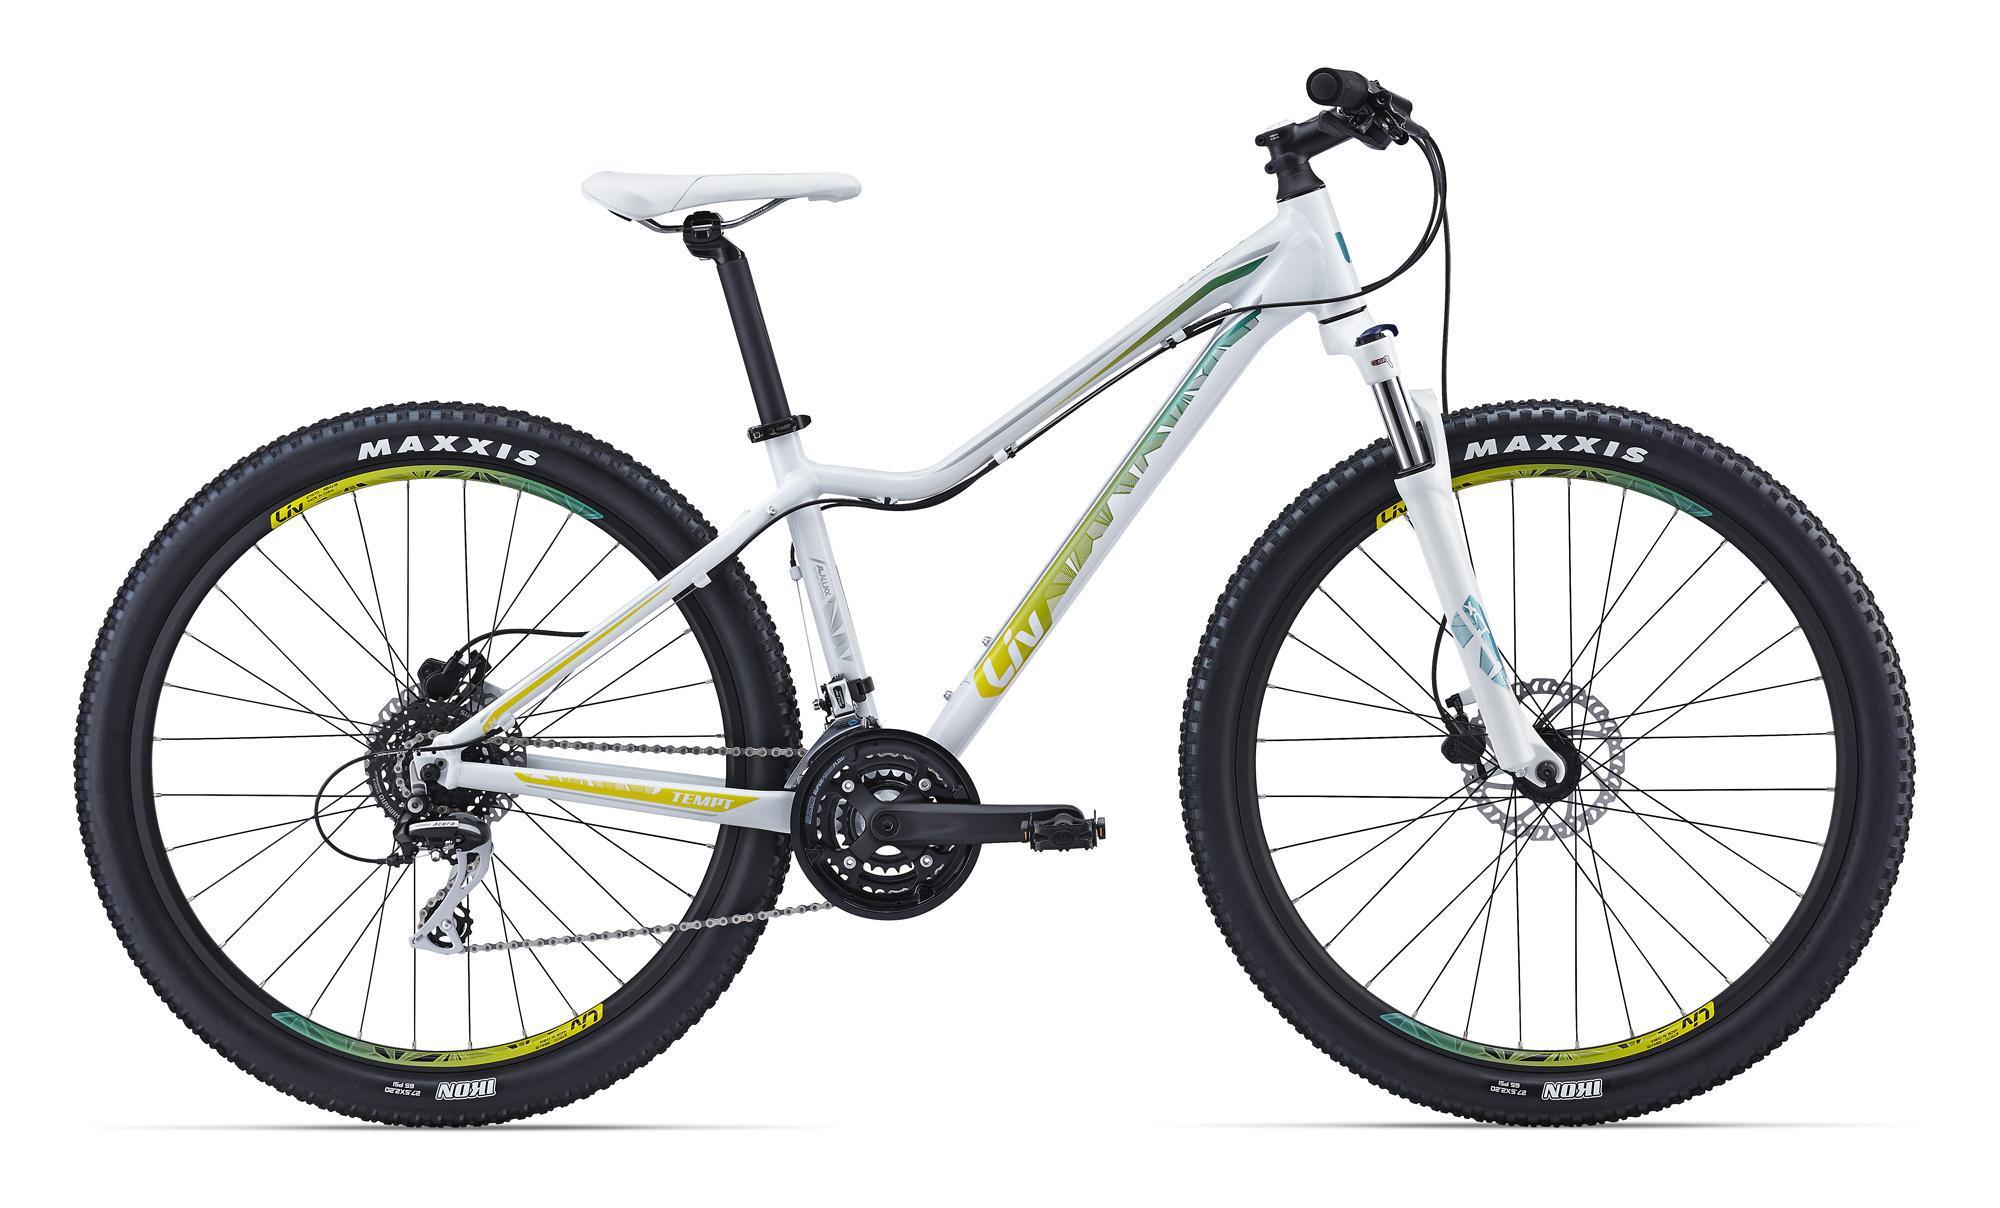 """Giant Tempt 4 (2016)Горные<br>Когда вы прогрессируете в катании на велосипеде, трейлы становятся все более сложными, тропинки более скоростными, а езда более техничной, то требования к велосипеду растут. Особенно, если этот велосипед женский. Giant Tempt 4 отлично подойдет под запросы прогрессирующей велосипедистки.<br>Рама сделана из легкого и прочного алюминия ALUXX со специальной женской геометрией под современный стандарт колес 27.5"""". Он очень стабилен и легко контролируется, это придаст уверенности в освоении новых маршрутов. Навесное оборудование тоже на уровне – амортизационная вилка с блокировкой, привод на 24 скорости, выносливые двойные обода и гидравлические тормоза с большим запасом мощности. Вперед к новым свершениям!<br>"""